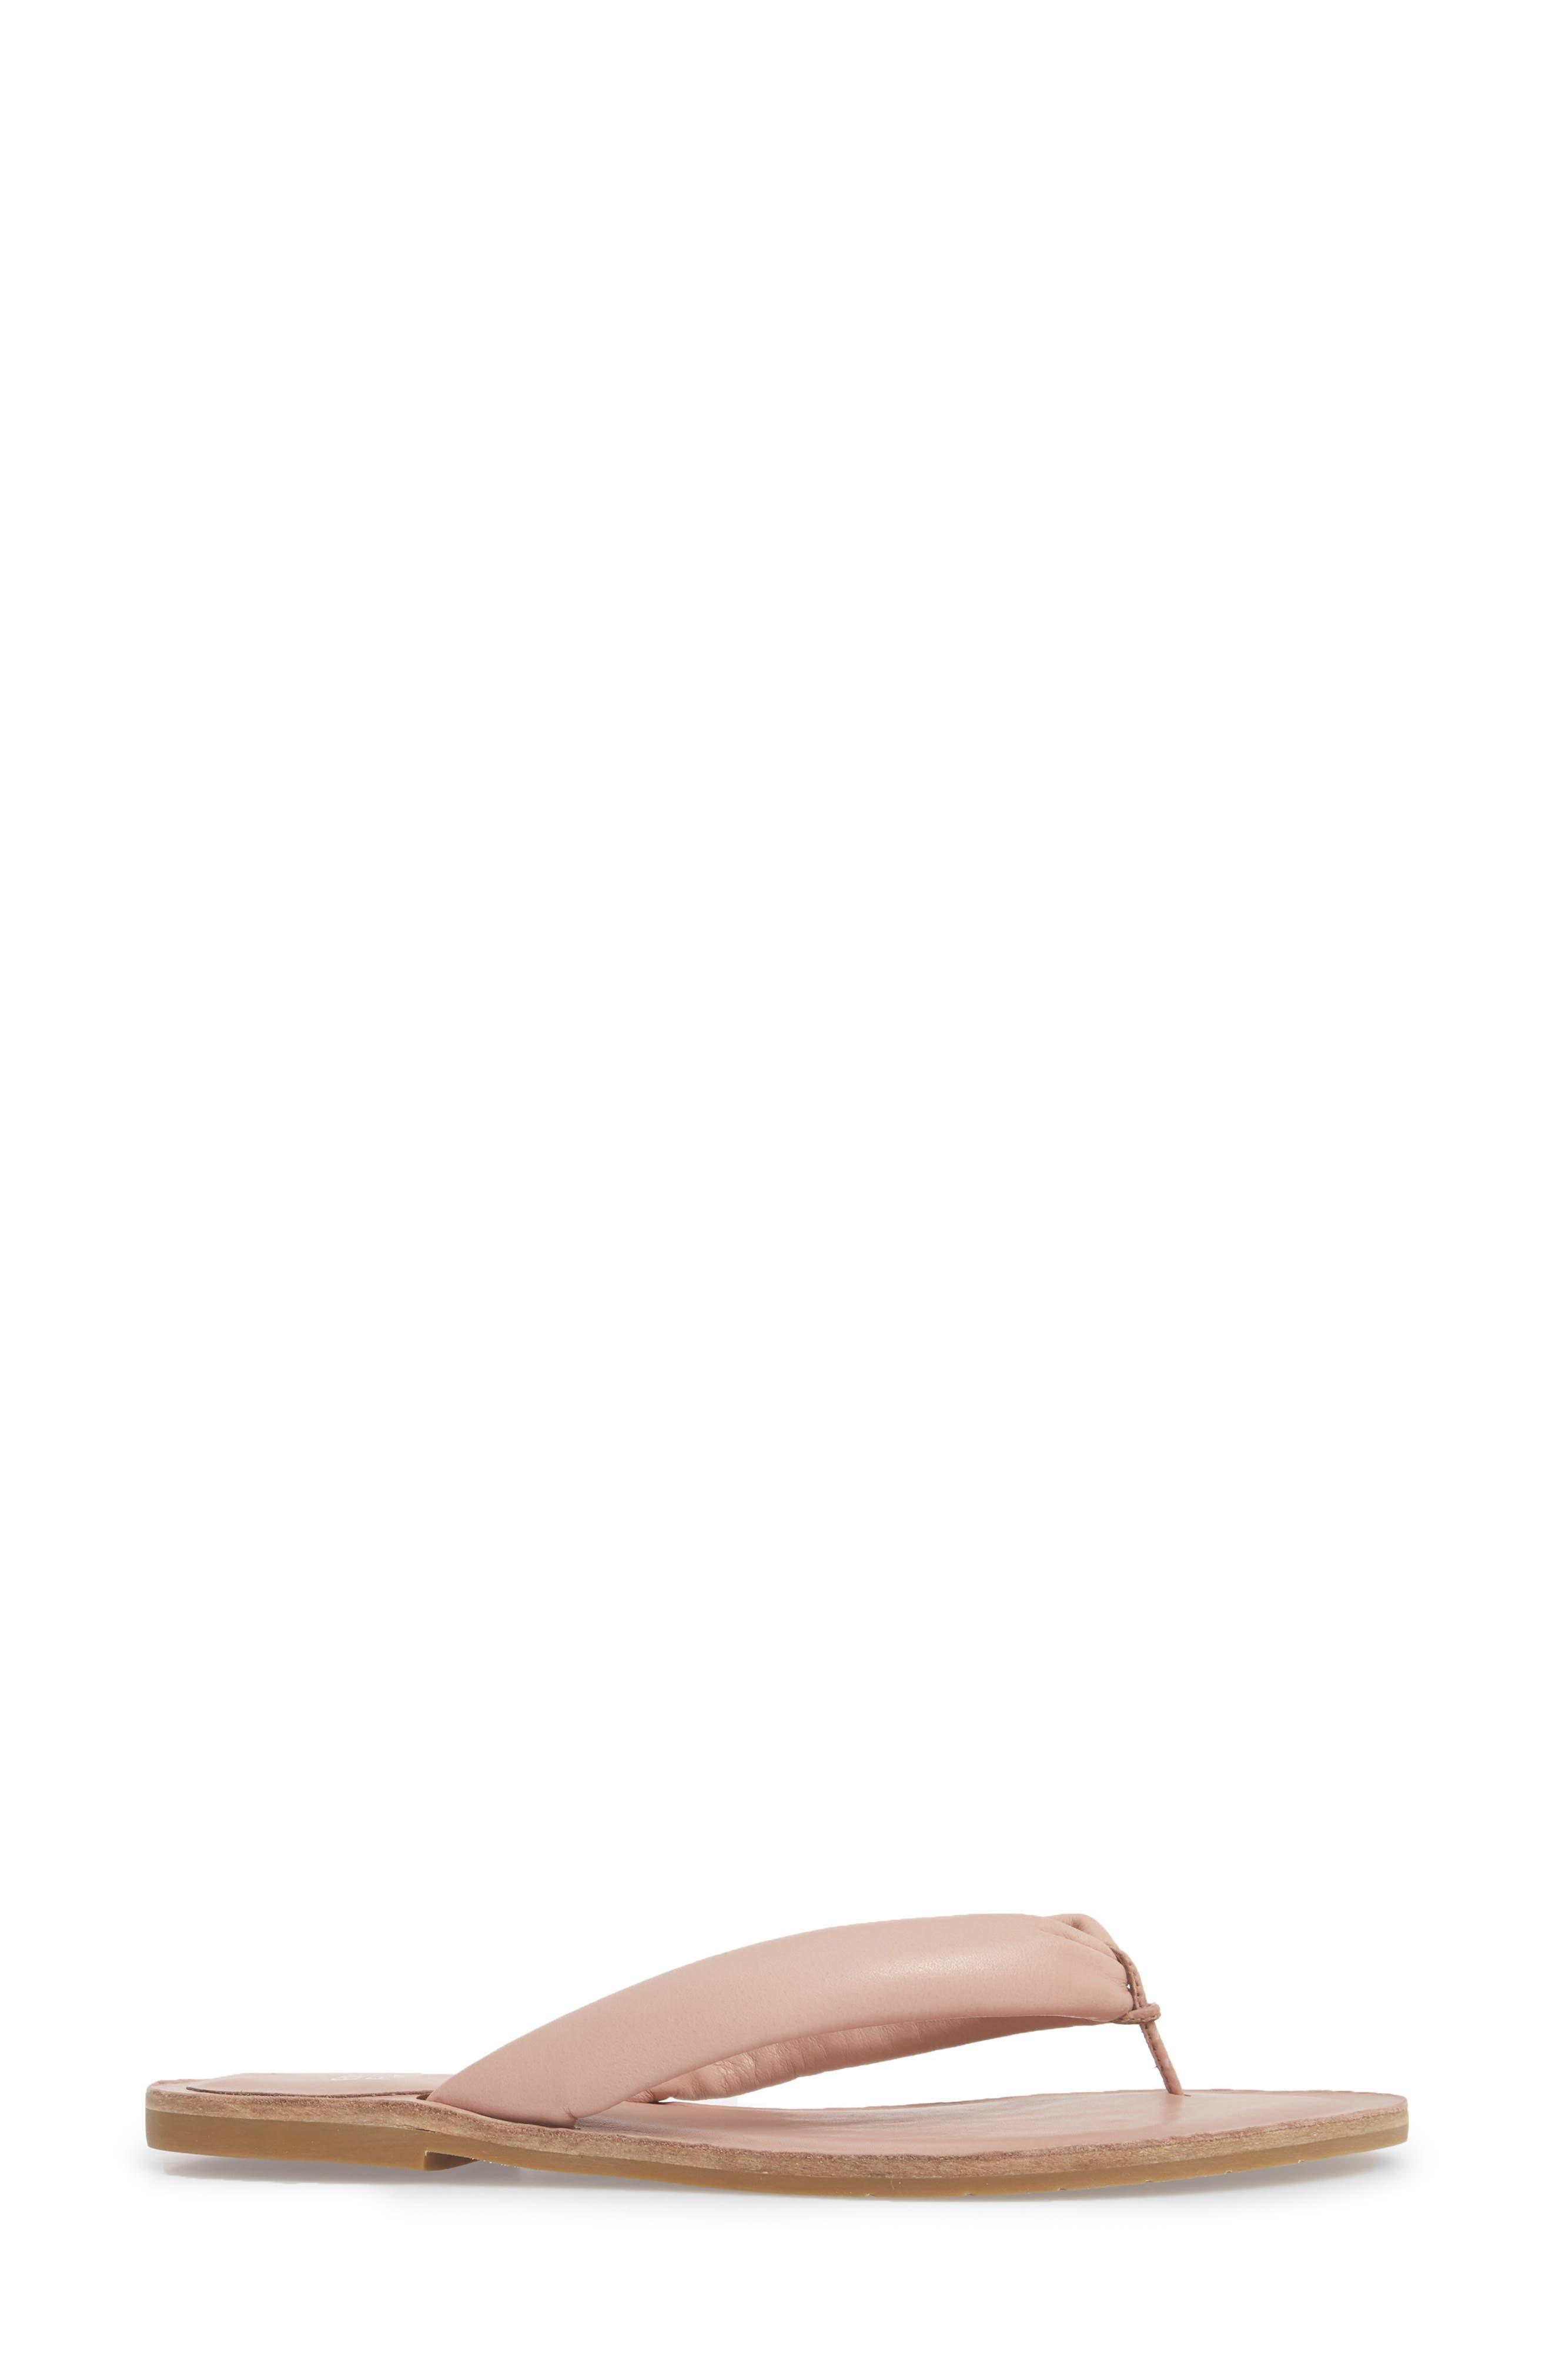 Flute Flip Flop,                             Alternate thumbnail 3, color,                             Dusty Rose Leather